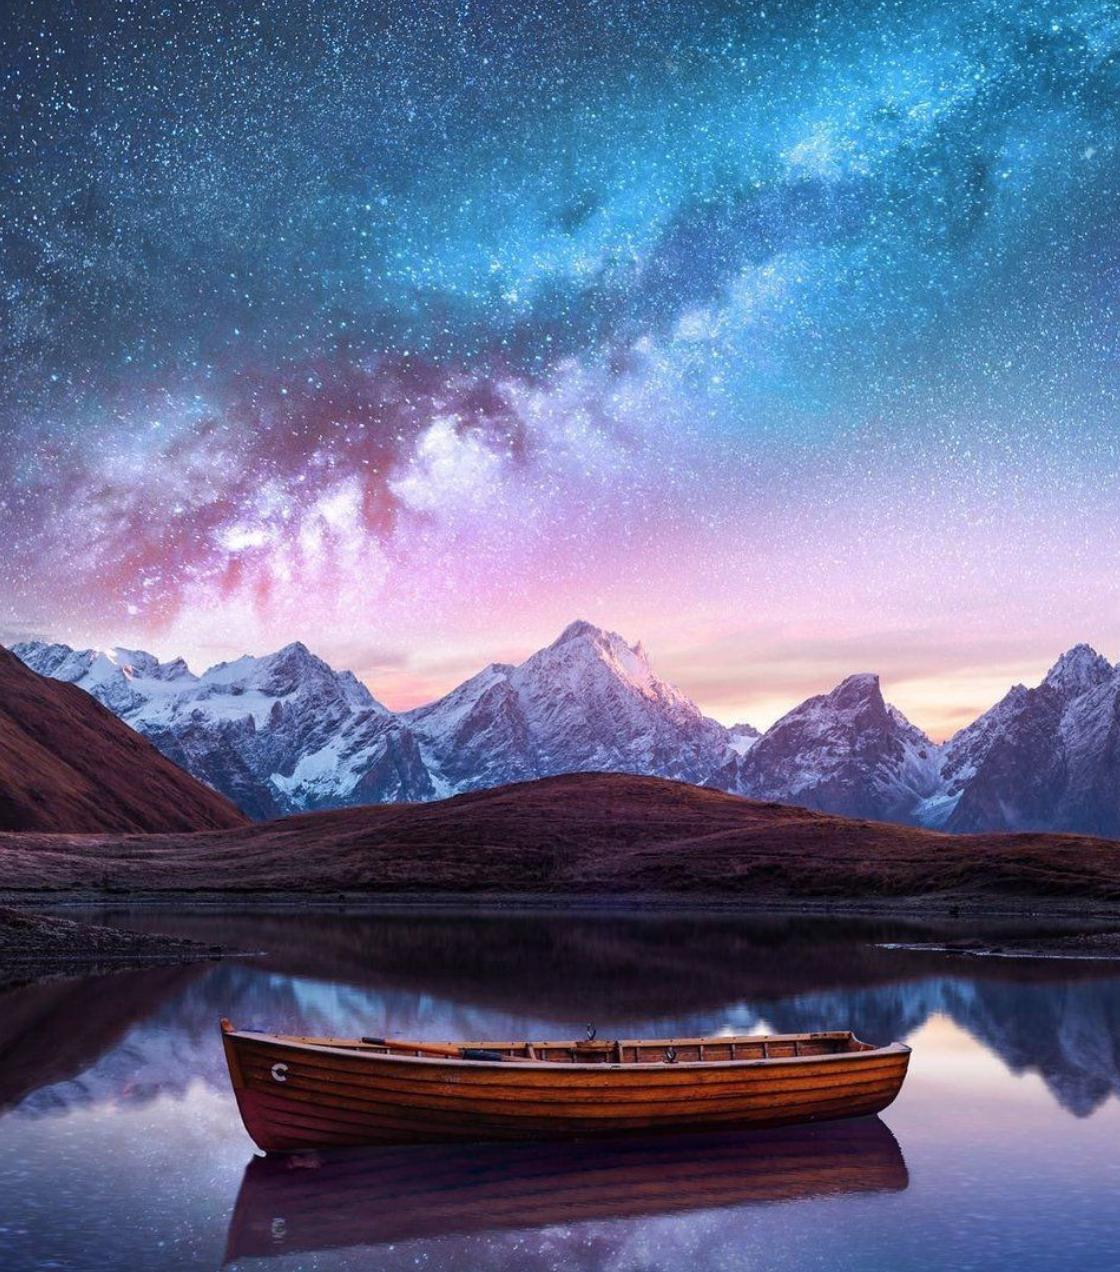 planet earth sky canoe